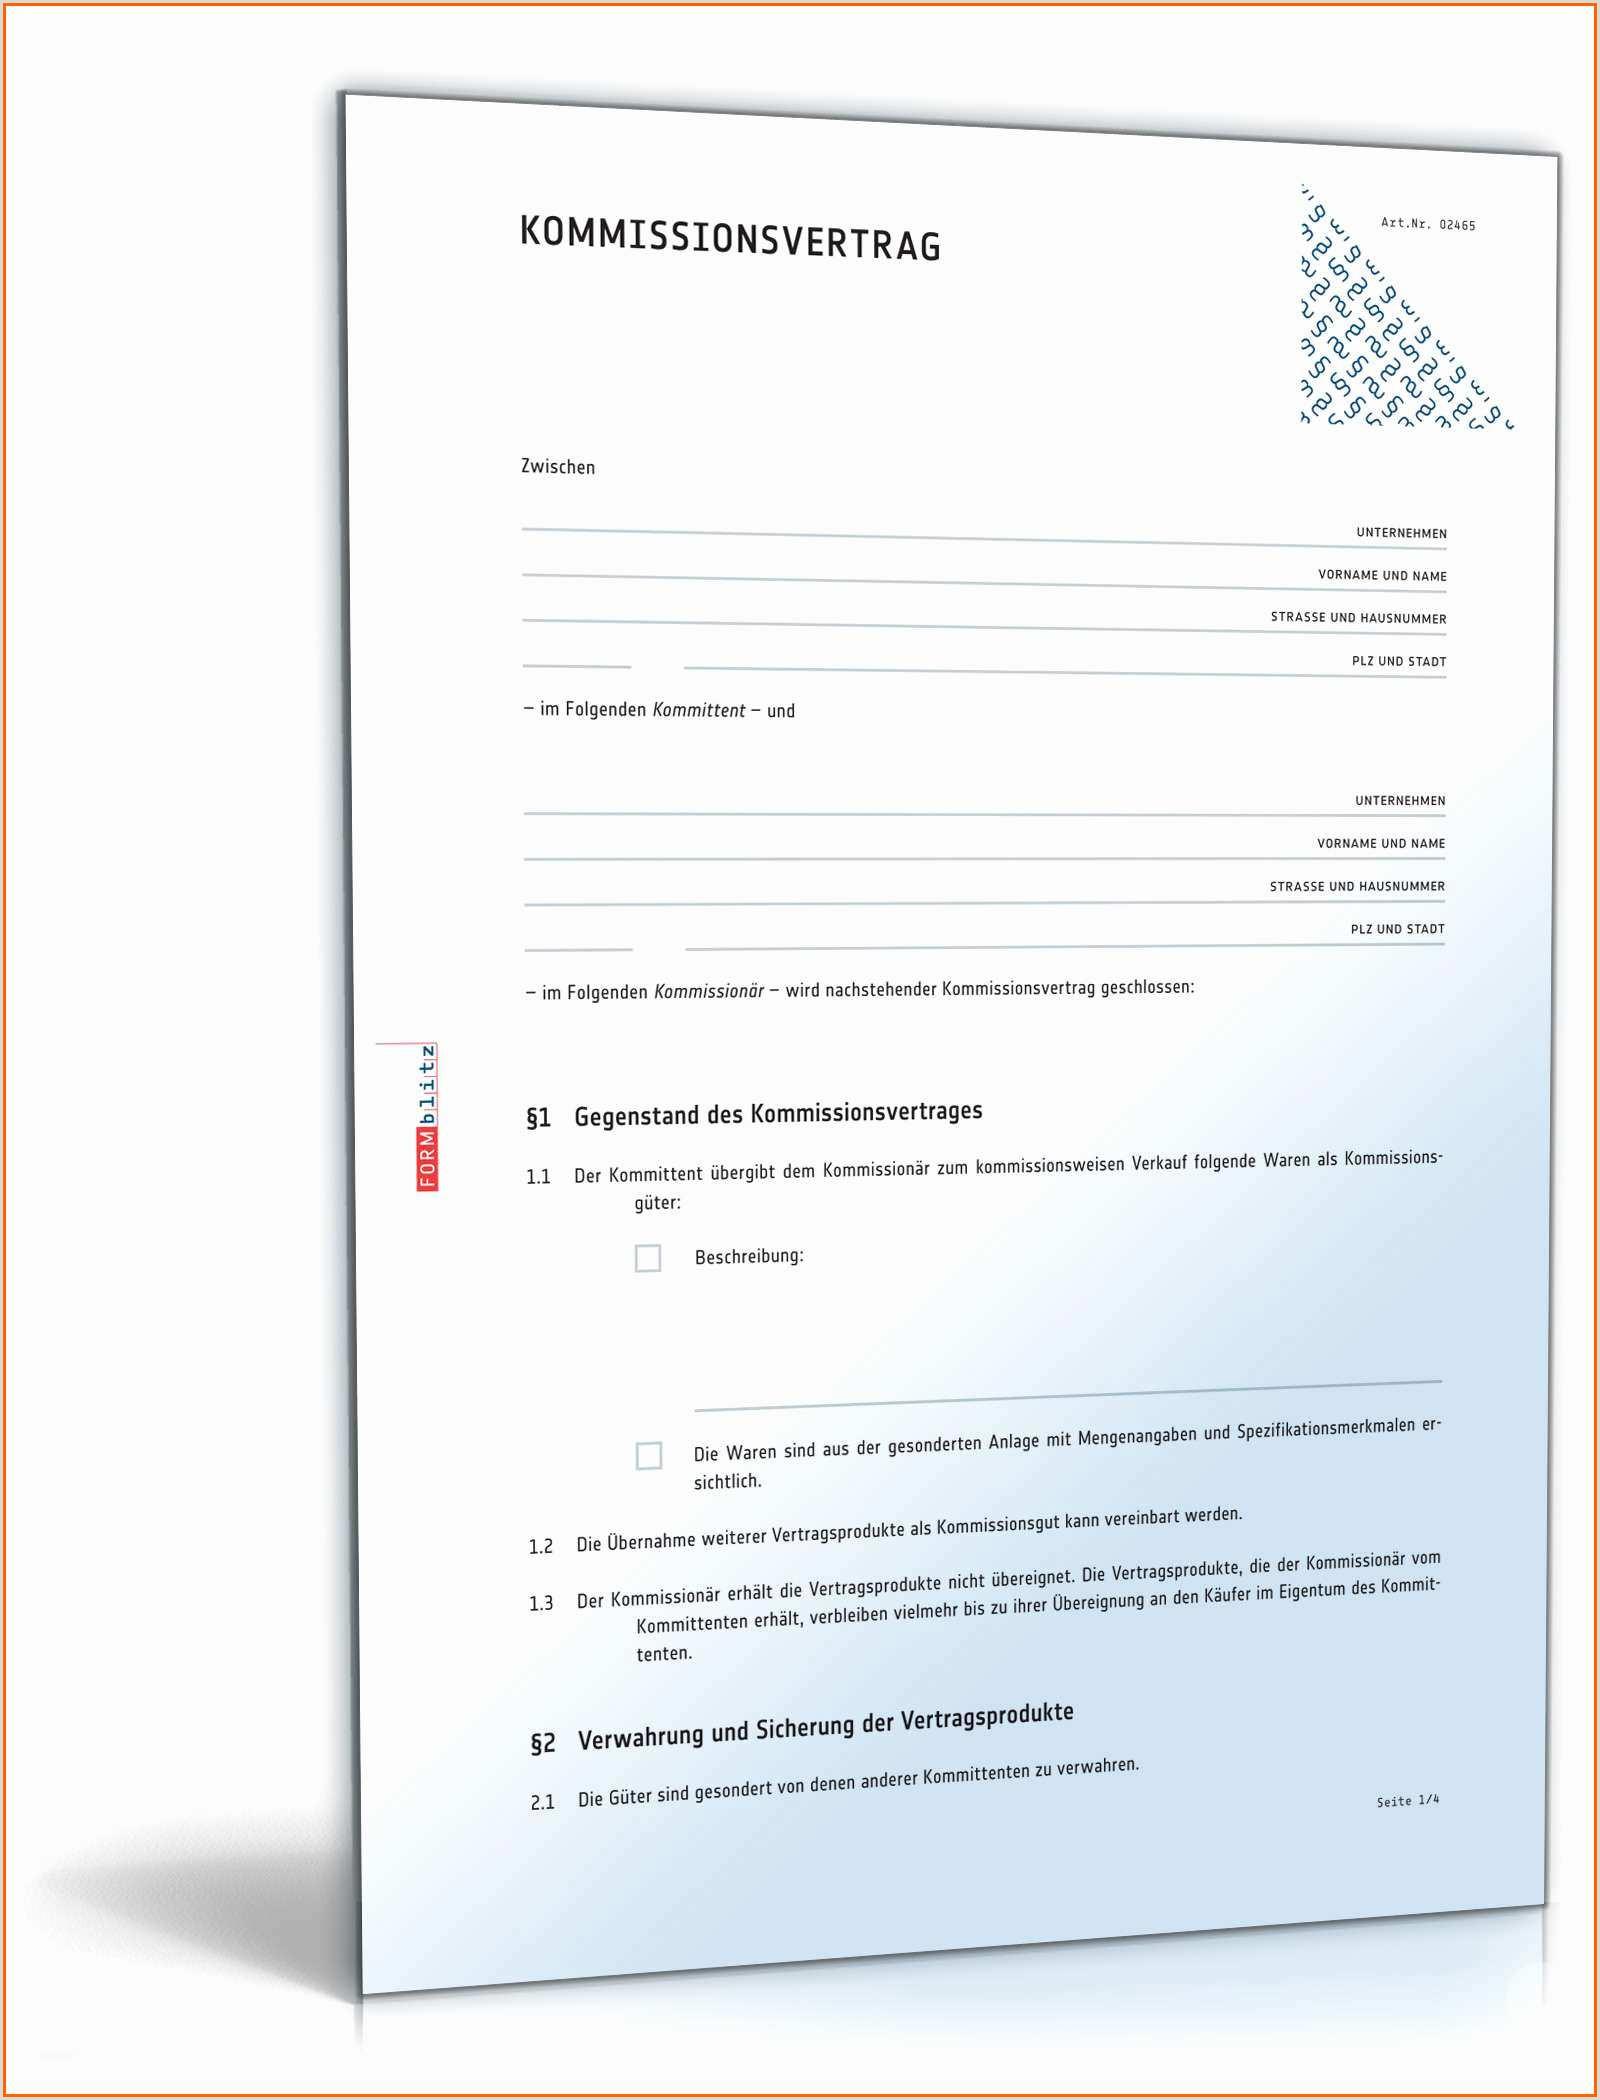 Lebenslauf Muster Jurist 48 Erschwinglich Kommissionsvertrag Vorlage Kostenlos Vorlagen